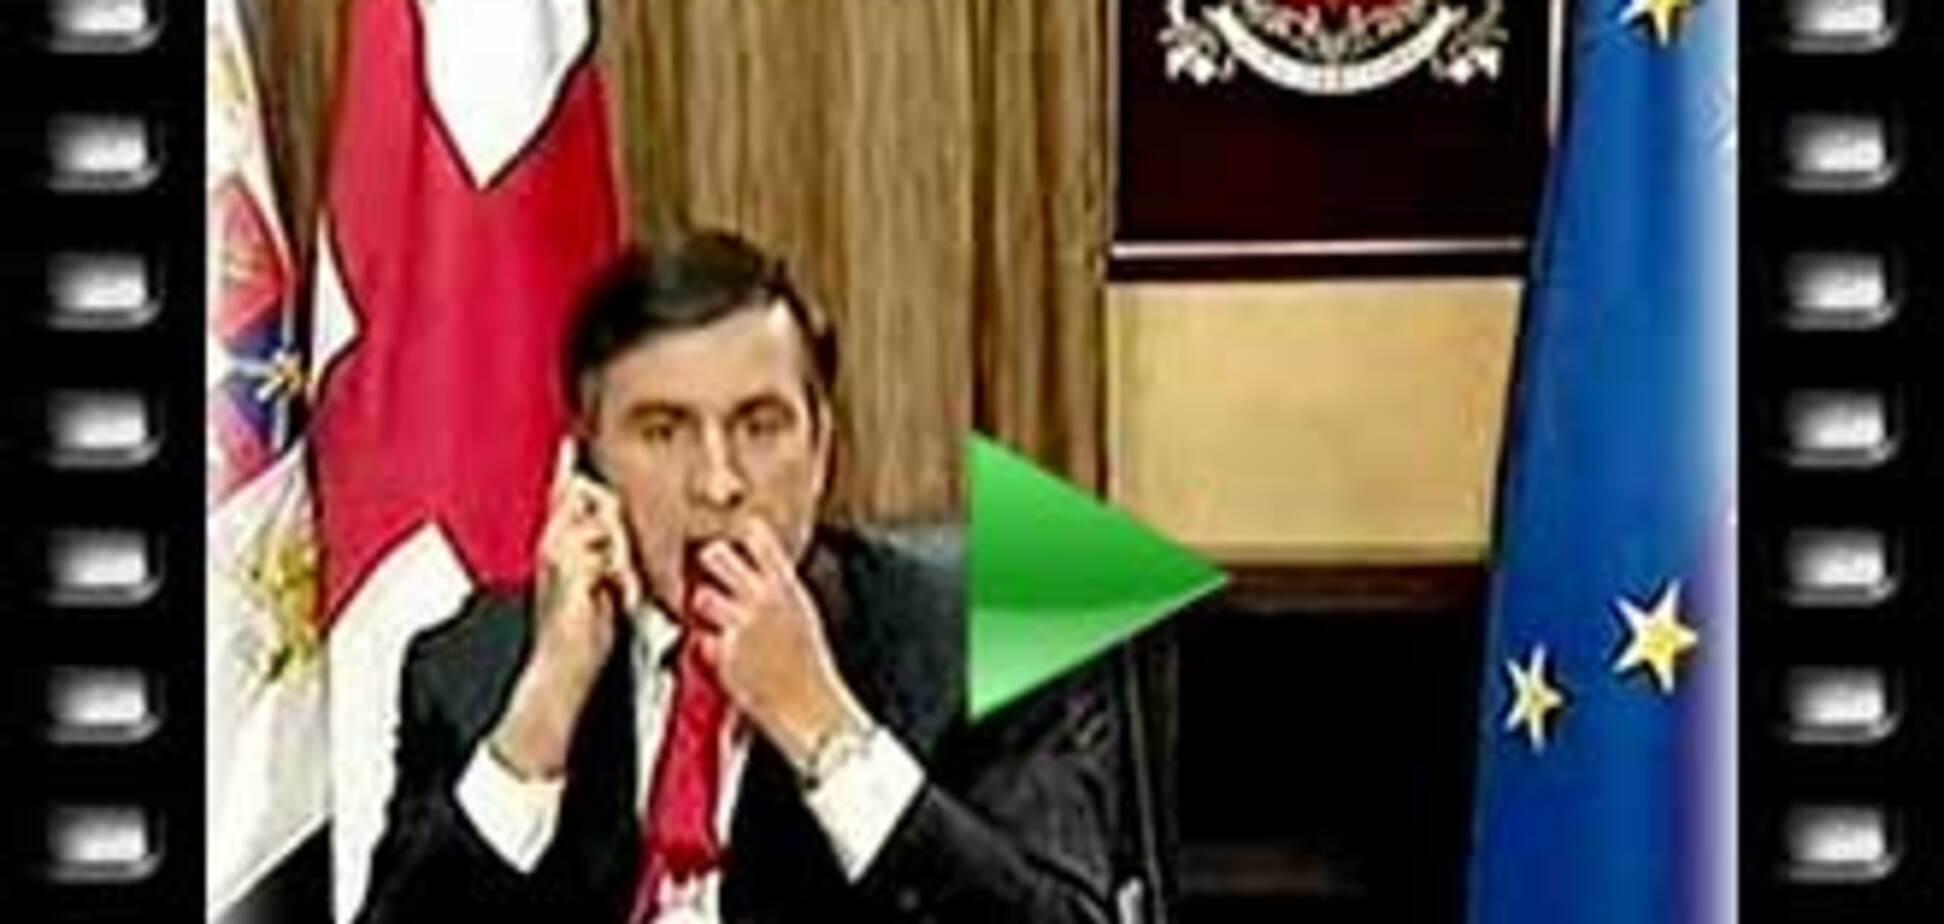 Саакашвили прожевал свой галстук (ВИДЕО)